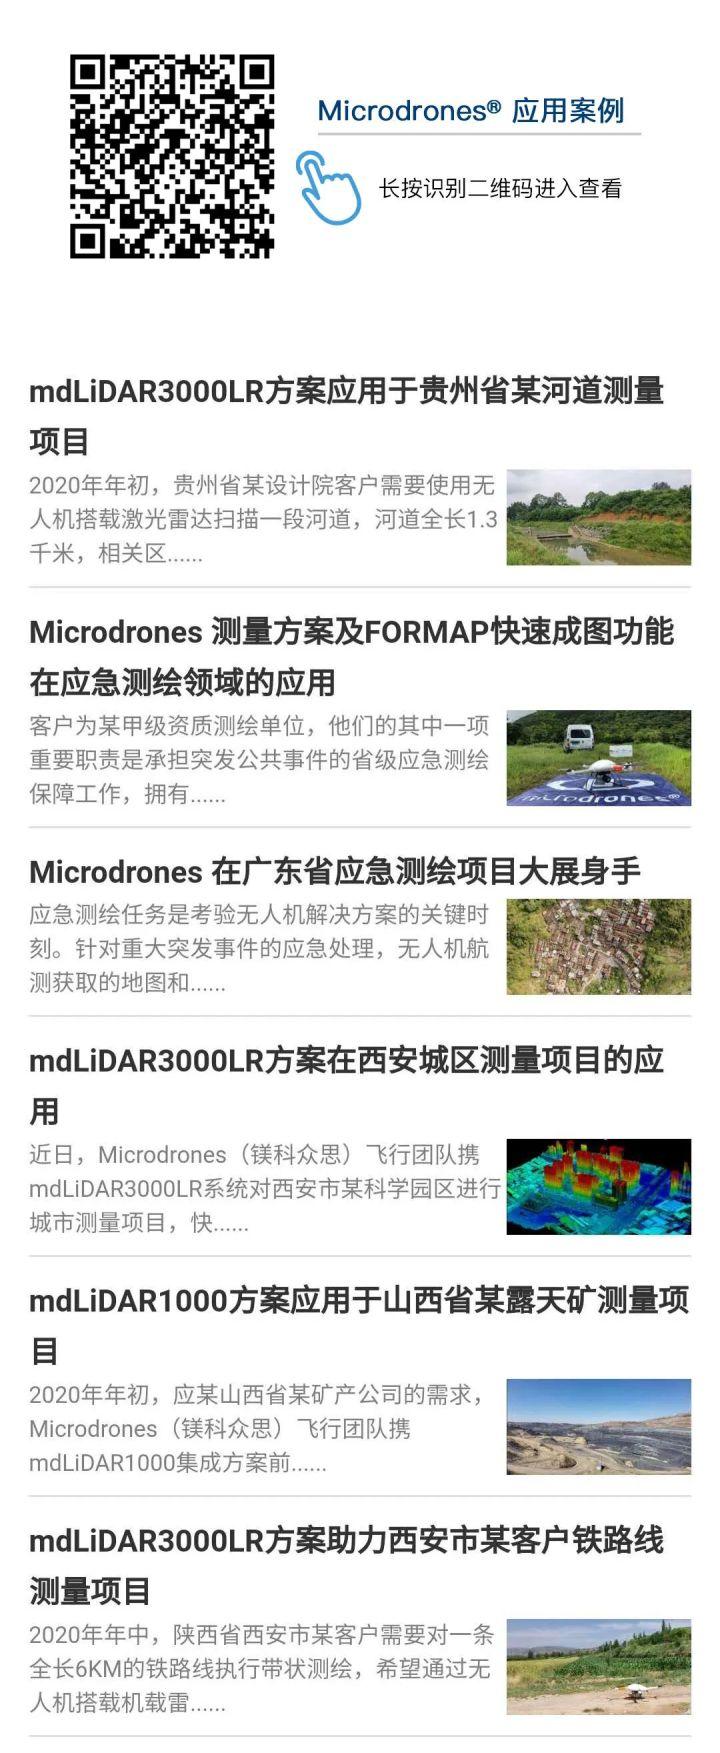 无人机LiDAR在大型测量项目中的规划、飞行及数据处理等实战应用插图20